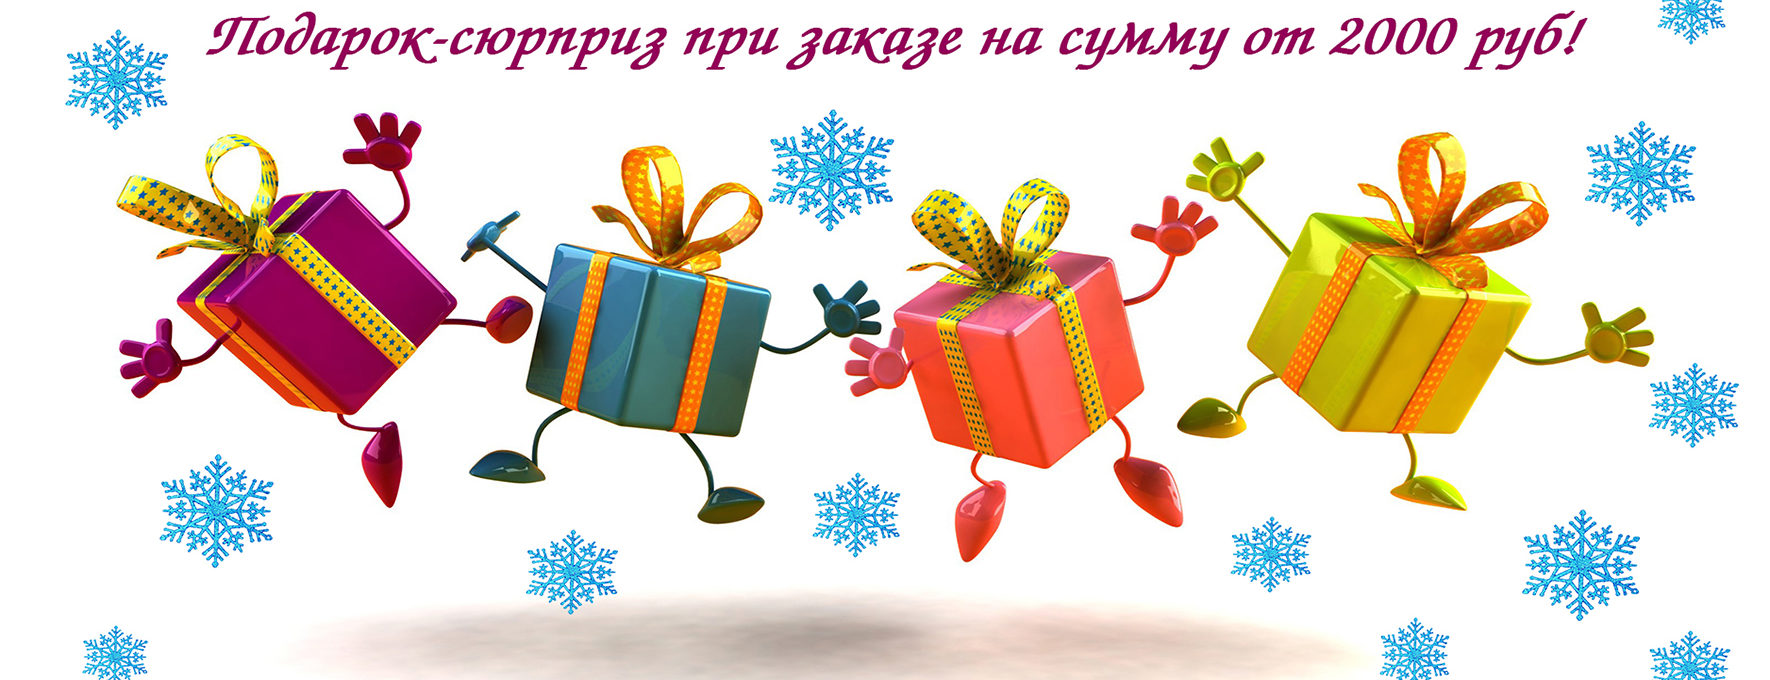 Подарок-сюрприз new year